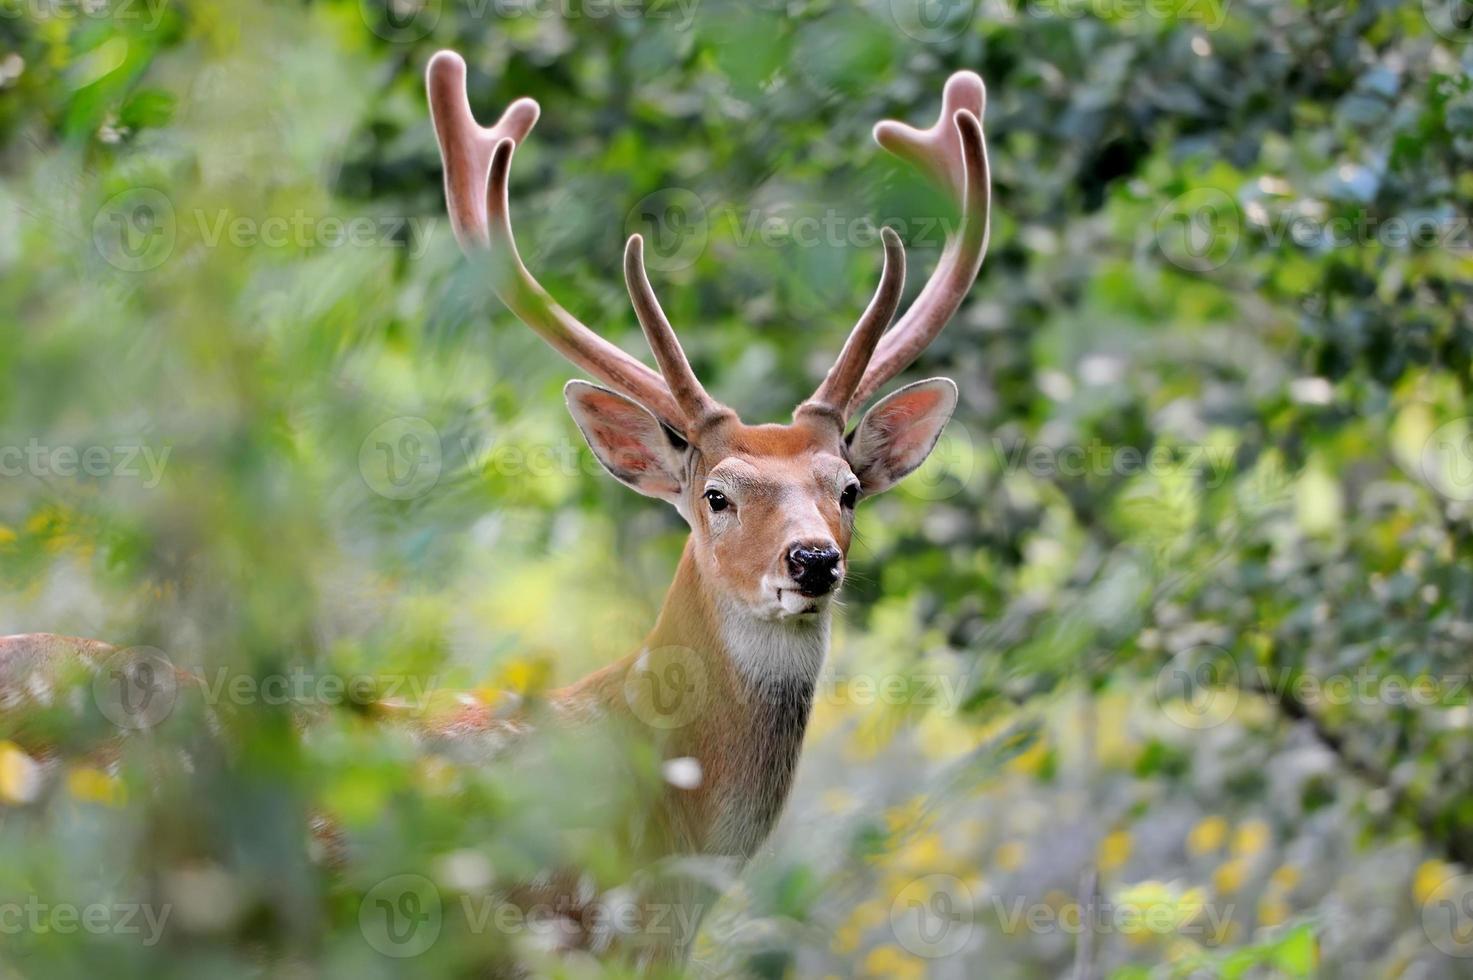 Whitetail deer photo